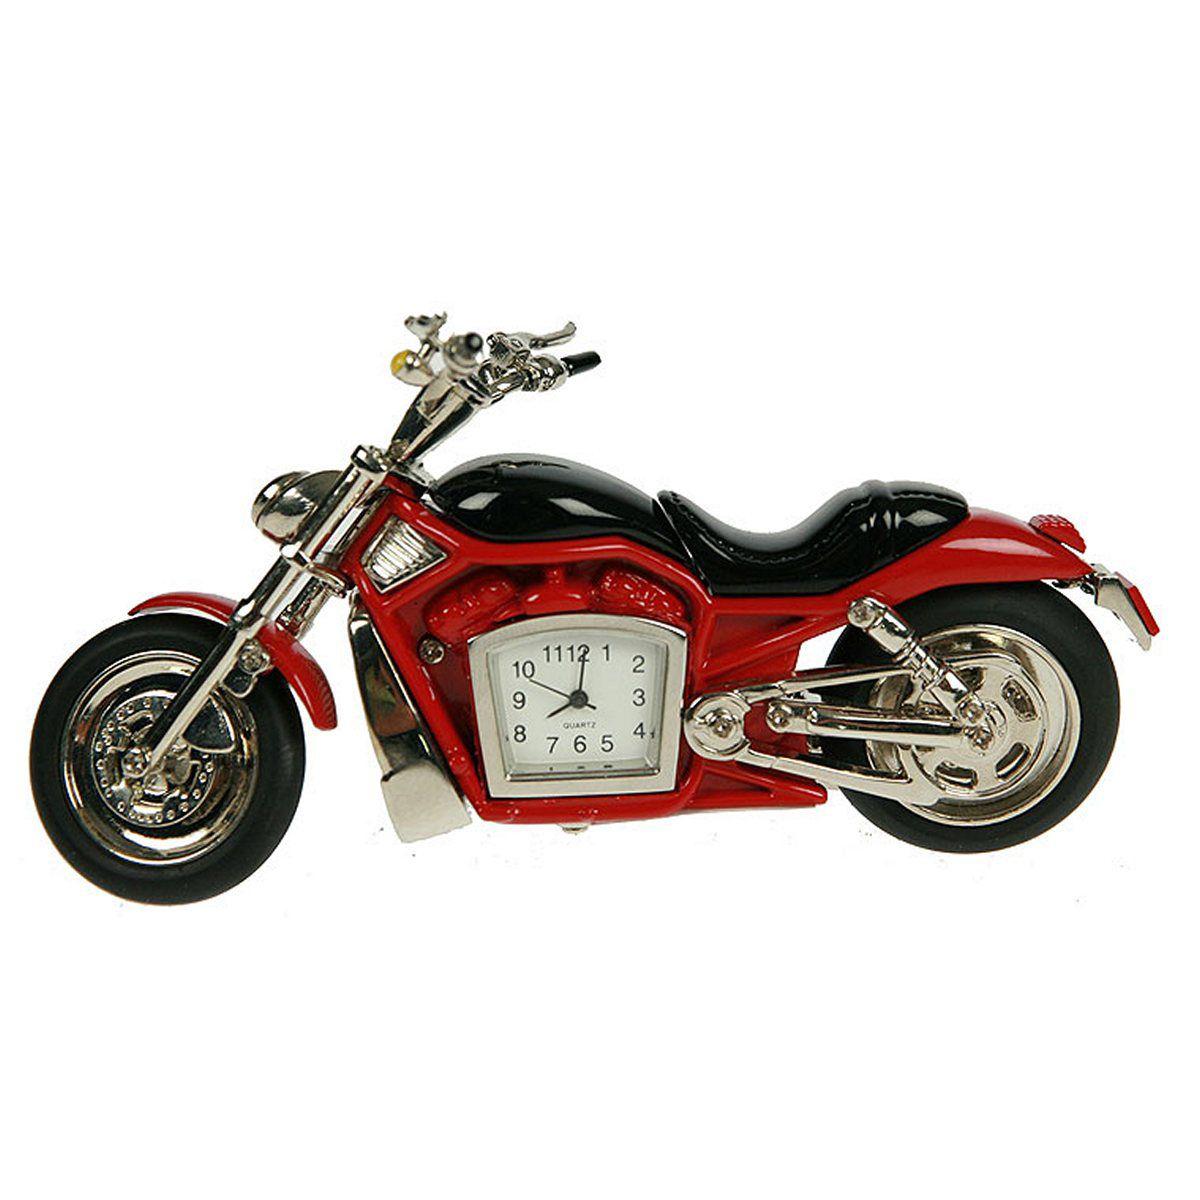 Часы настольные Русские Подарки Мотоцикл, 1 х 12 х 6 см. 2242322423Настольные часы Русские подарки Мотоцикл - очень оригинальные и стильные настольные часы. Корпус выполнен из металла. Онипрекрасновпишутся практически влюбой интерьер и станут превосходным украшением вашей комнаты. Это красивый и практичный подарок на любое торжество для родных иблизких.